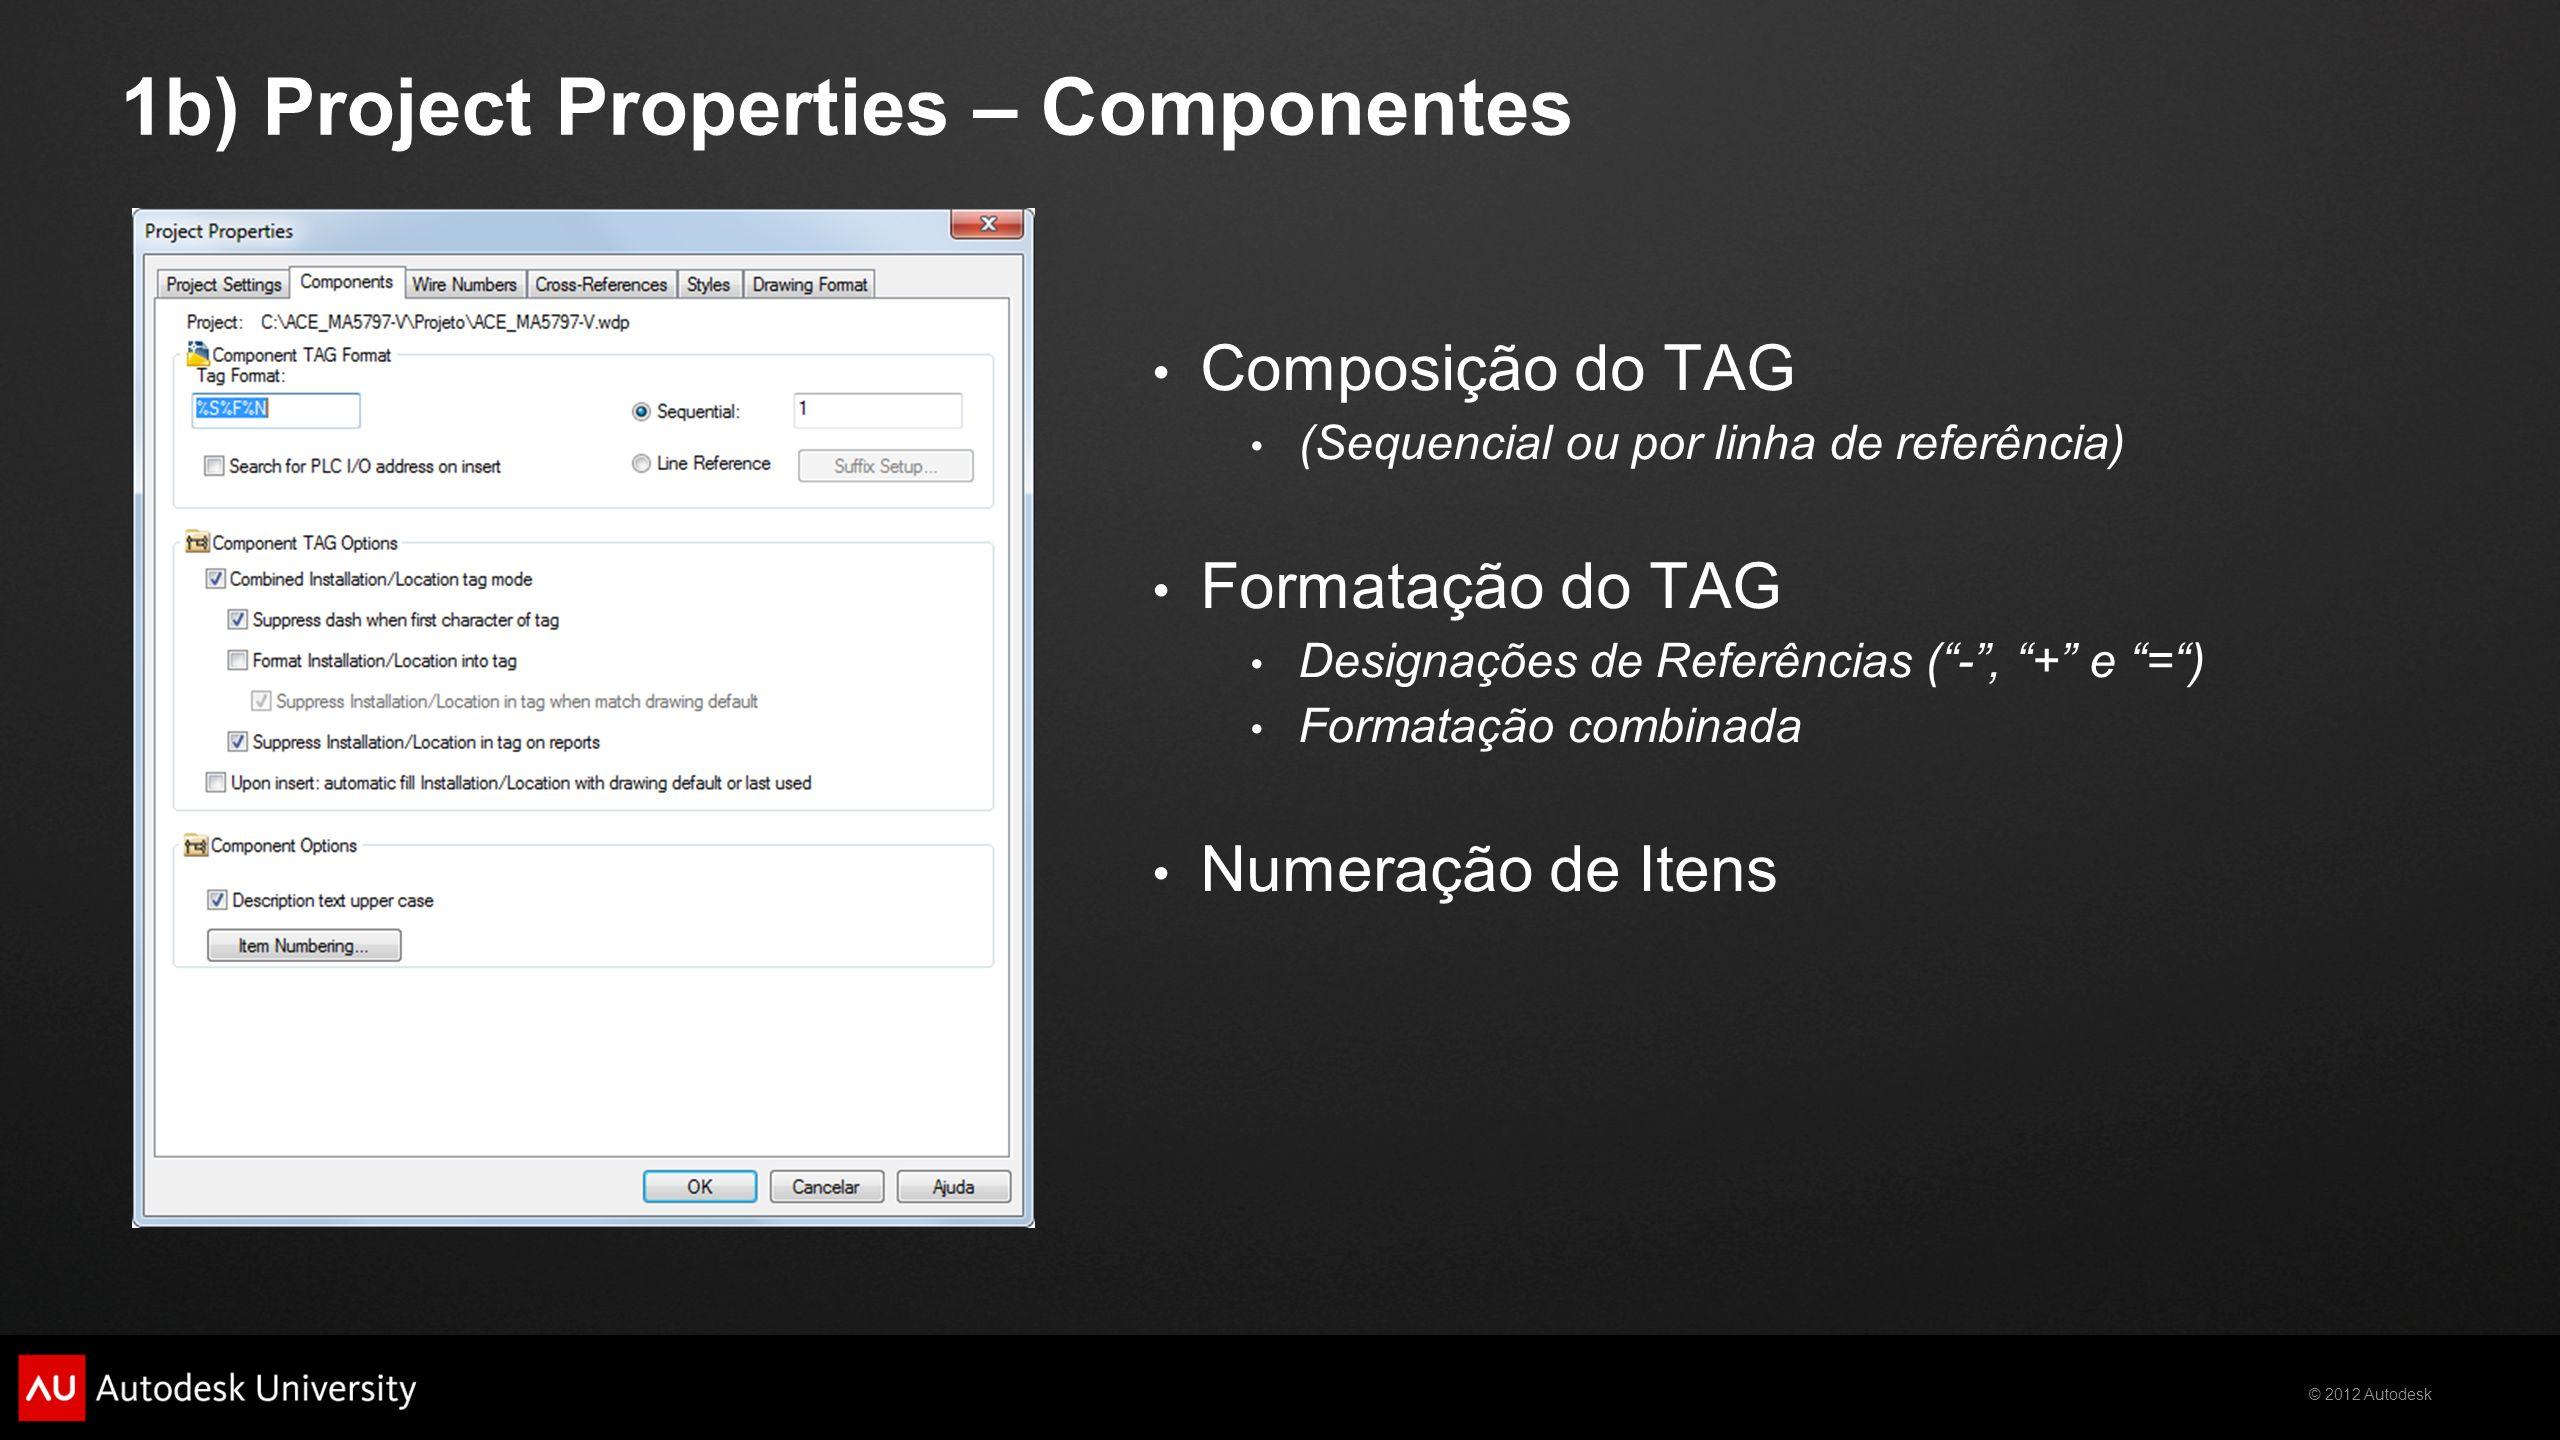 © 2012 Autodesk 1b) Project Properties – Componentes Composição do TAG (Sequencial ou por linha de referência) Formatação do TAG Designações de Referê